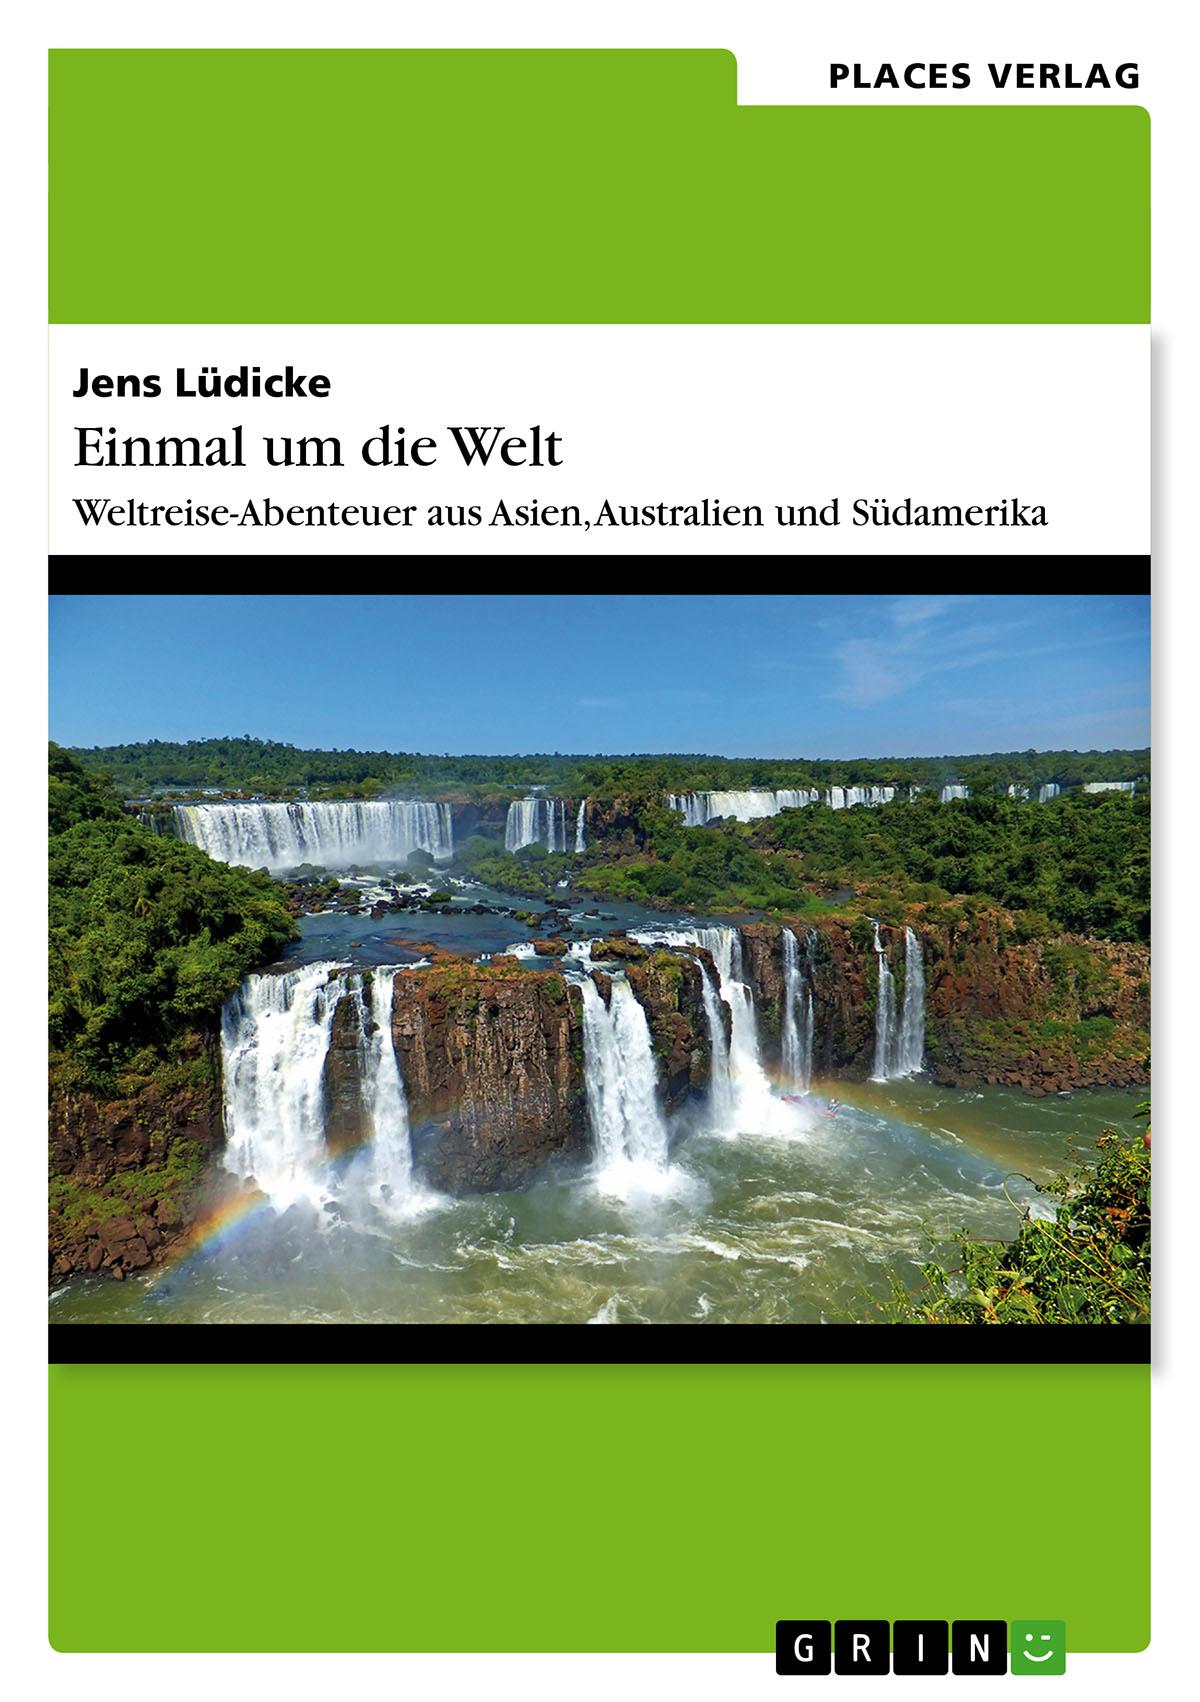 ISBN: 978-3-656-37634-7